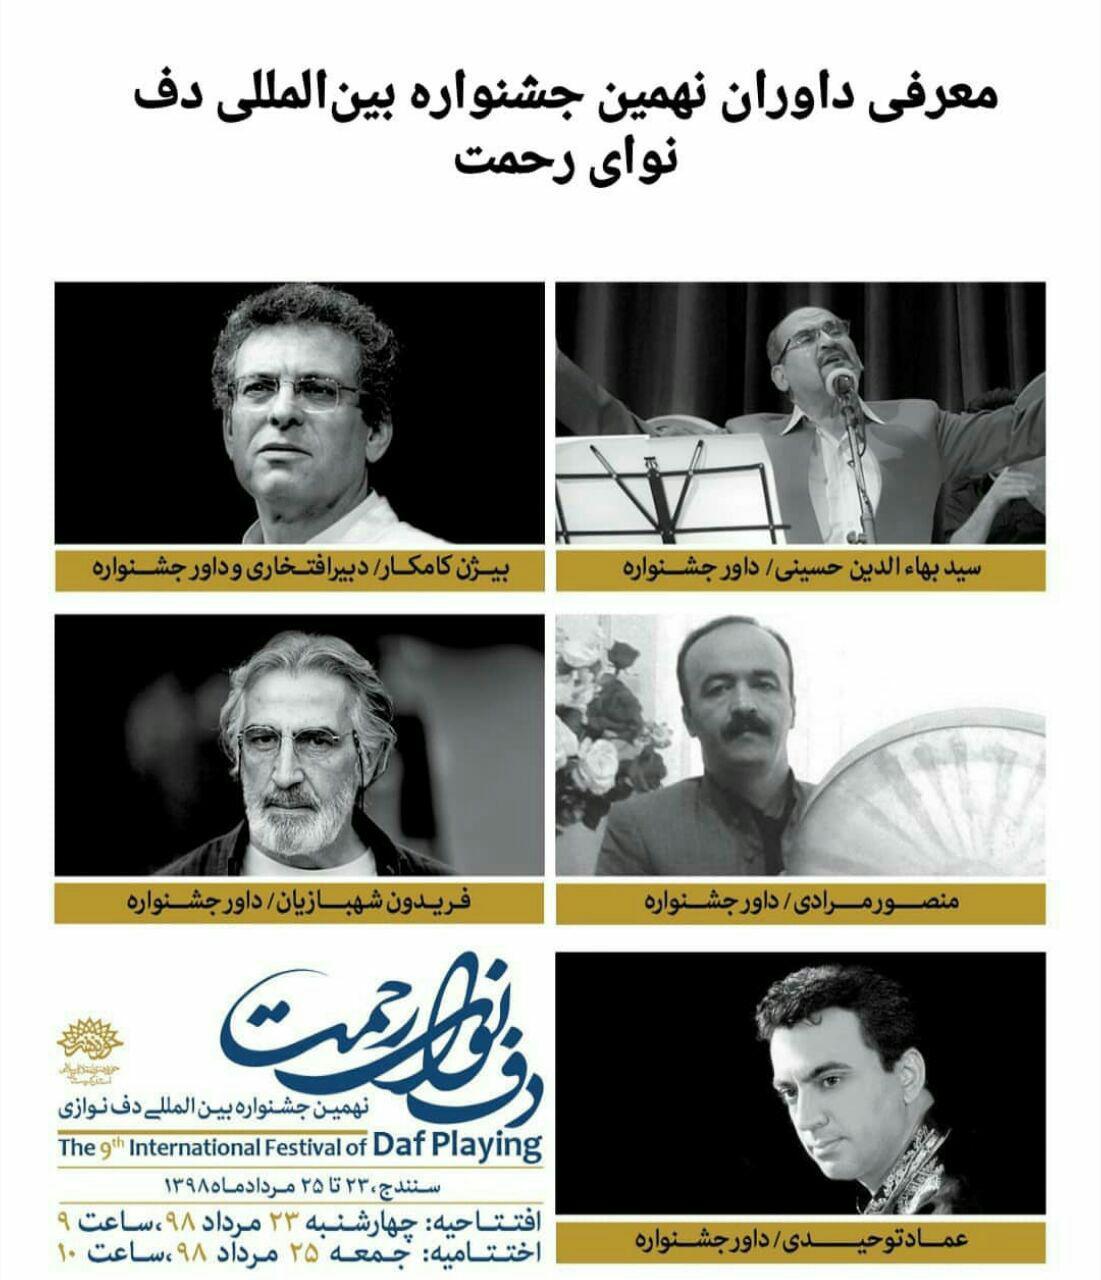 داوران نهمین جشنواره دف نوای رحمت